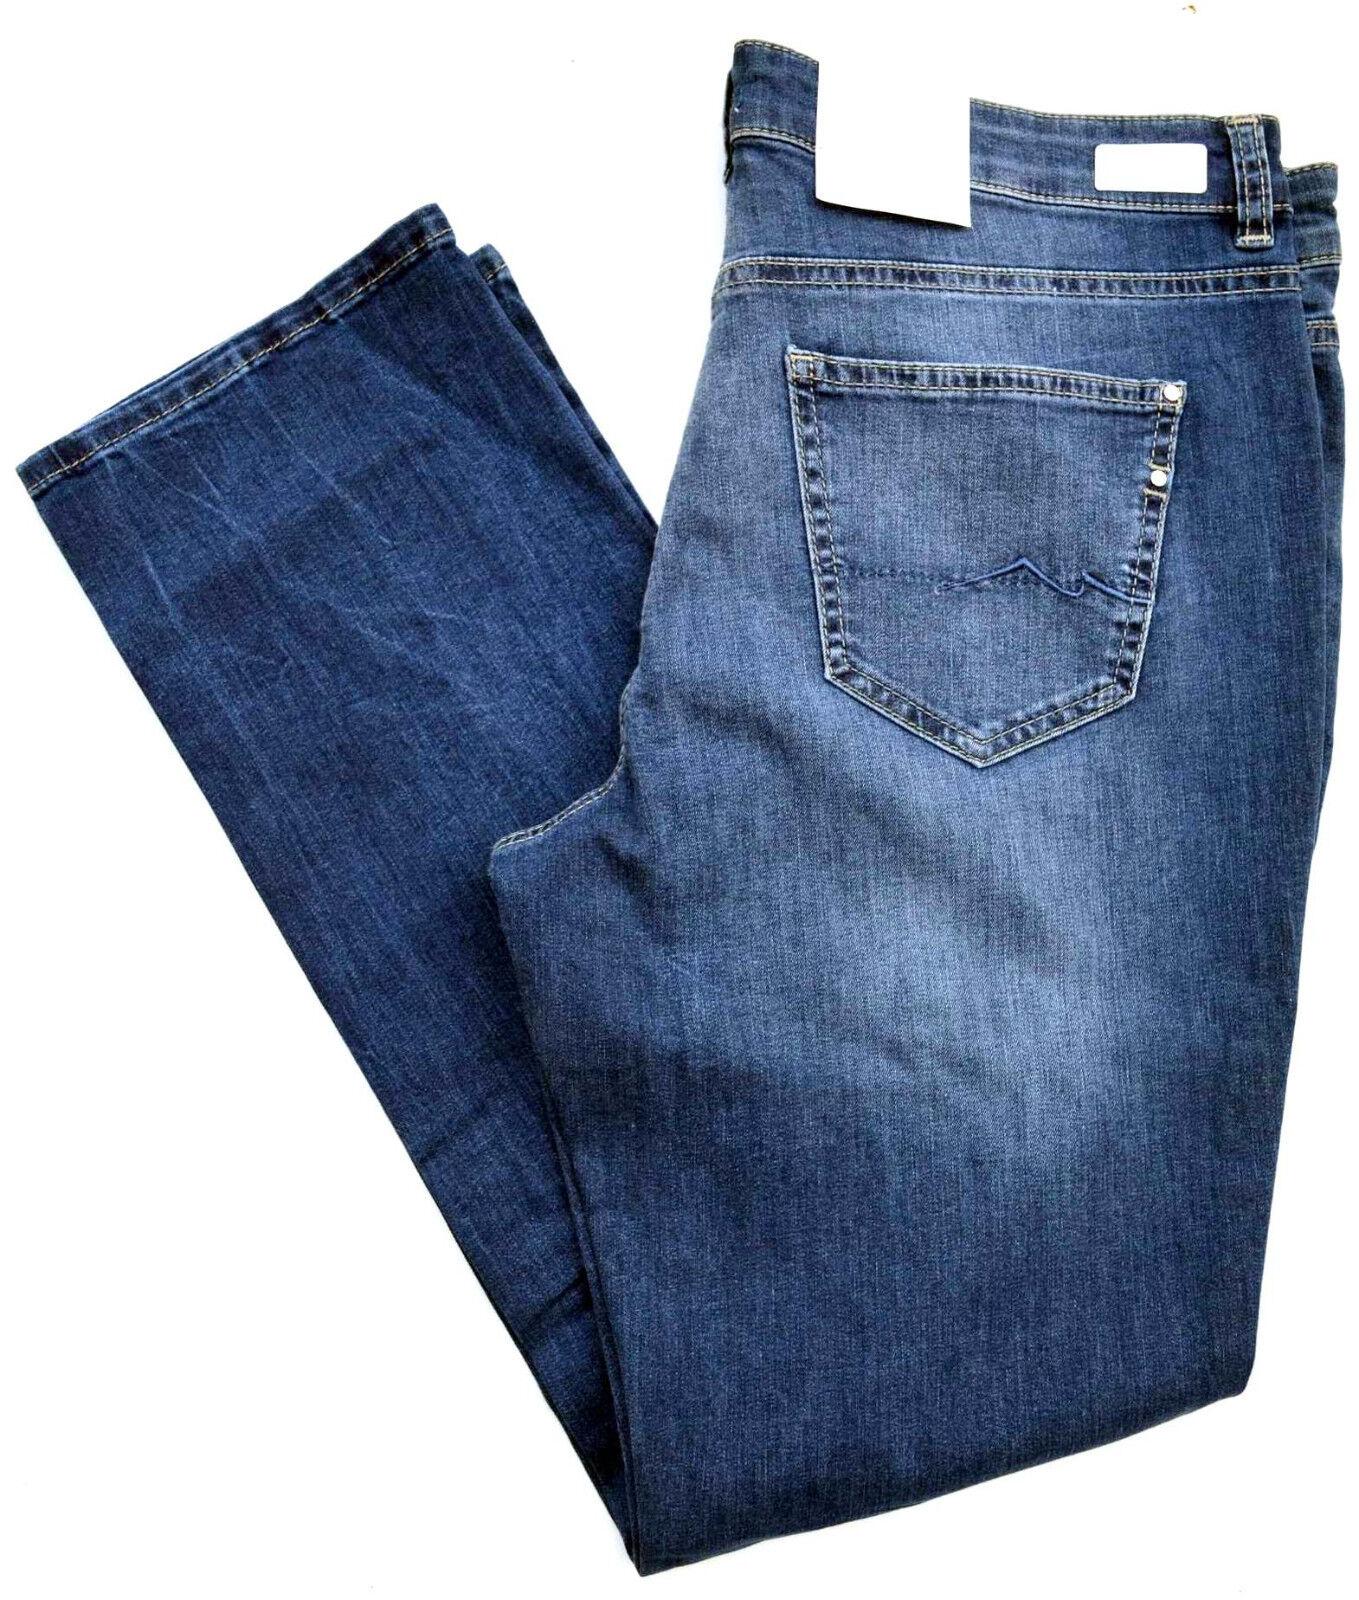 MAC Jeans ANGELA Blau denim stretch Blau slim fit BASIC T 40 L 32 NEUF